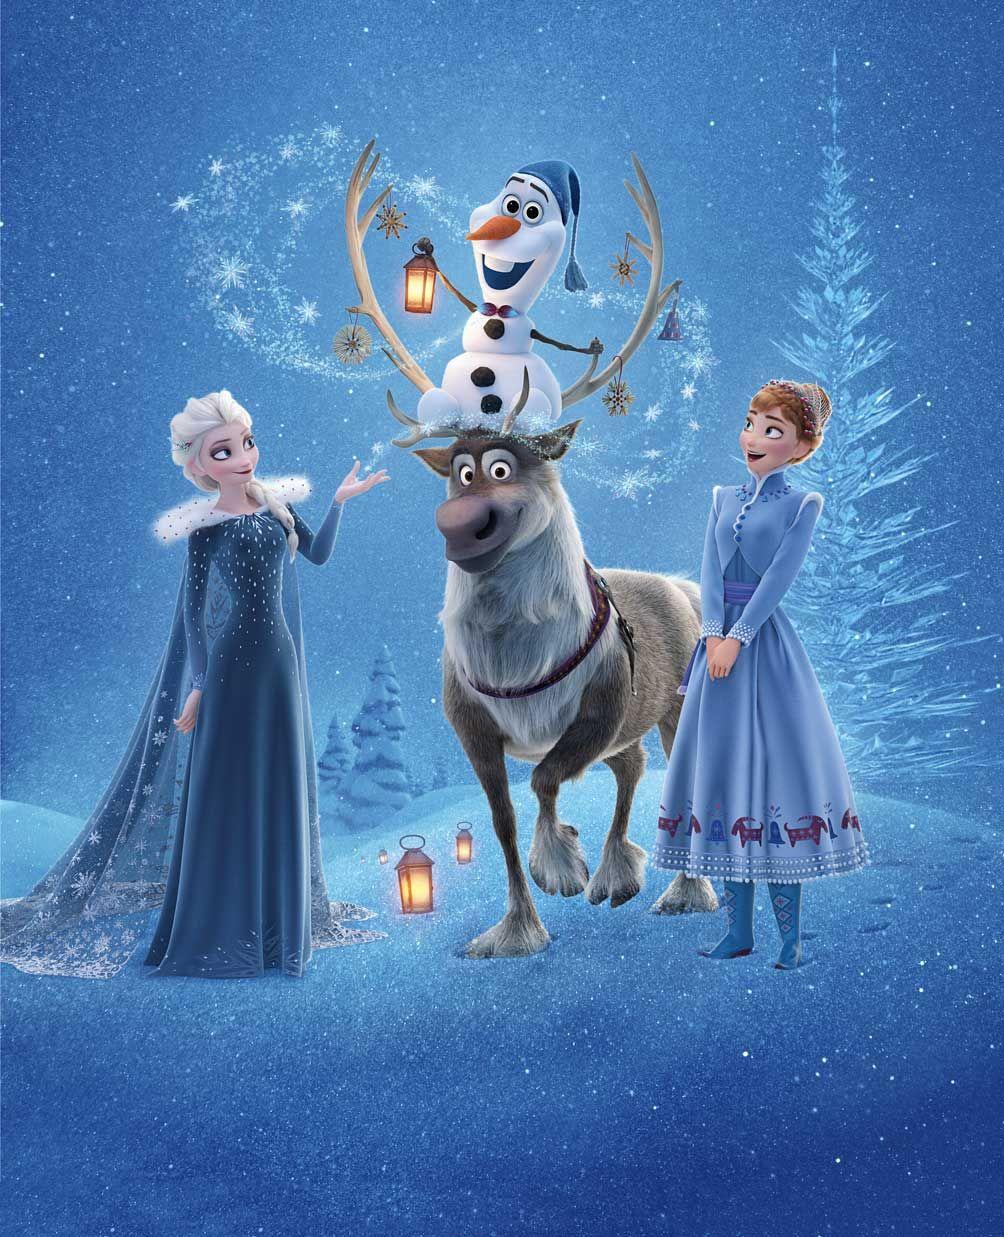 La Reine Des Neiges | Disney | La Reine Des Neiges Disney encequiconcerne Le Dessin Animé De La Reine Des Neiges